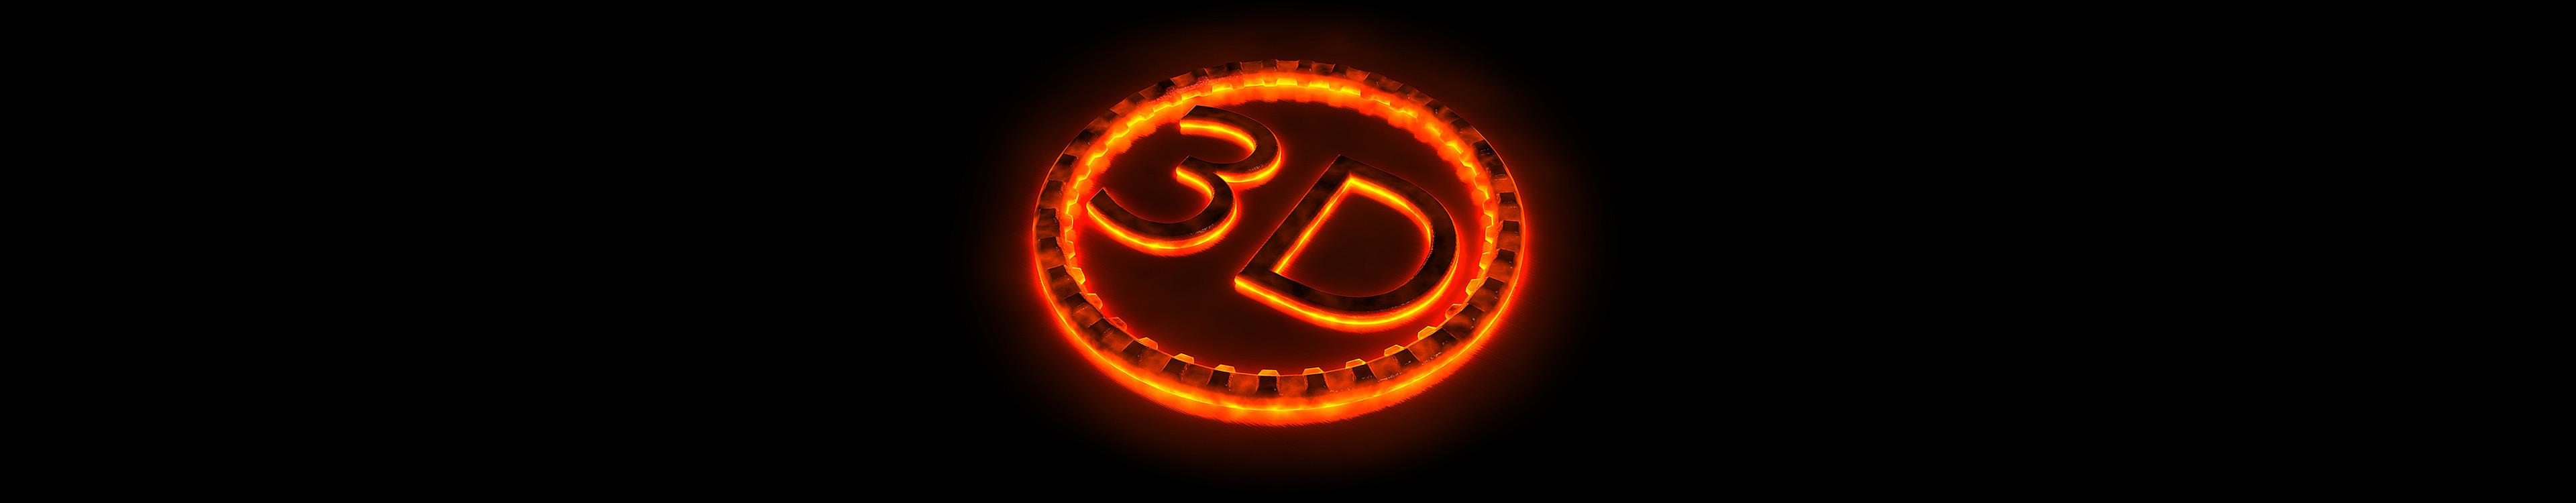 Slider 3D